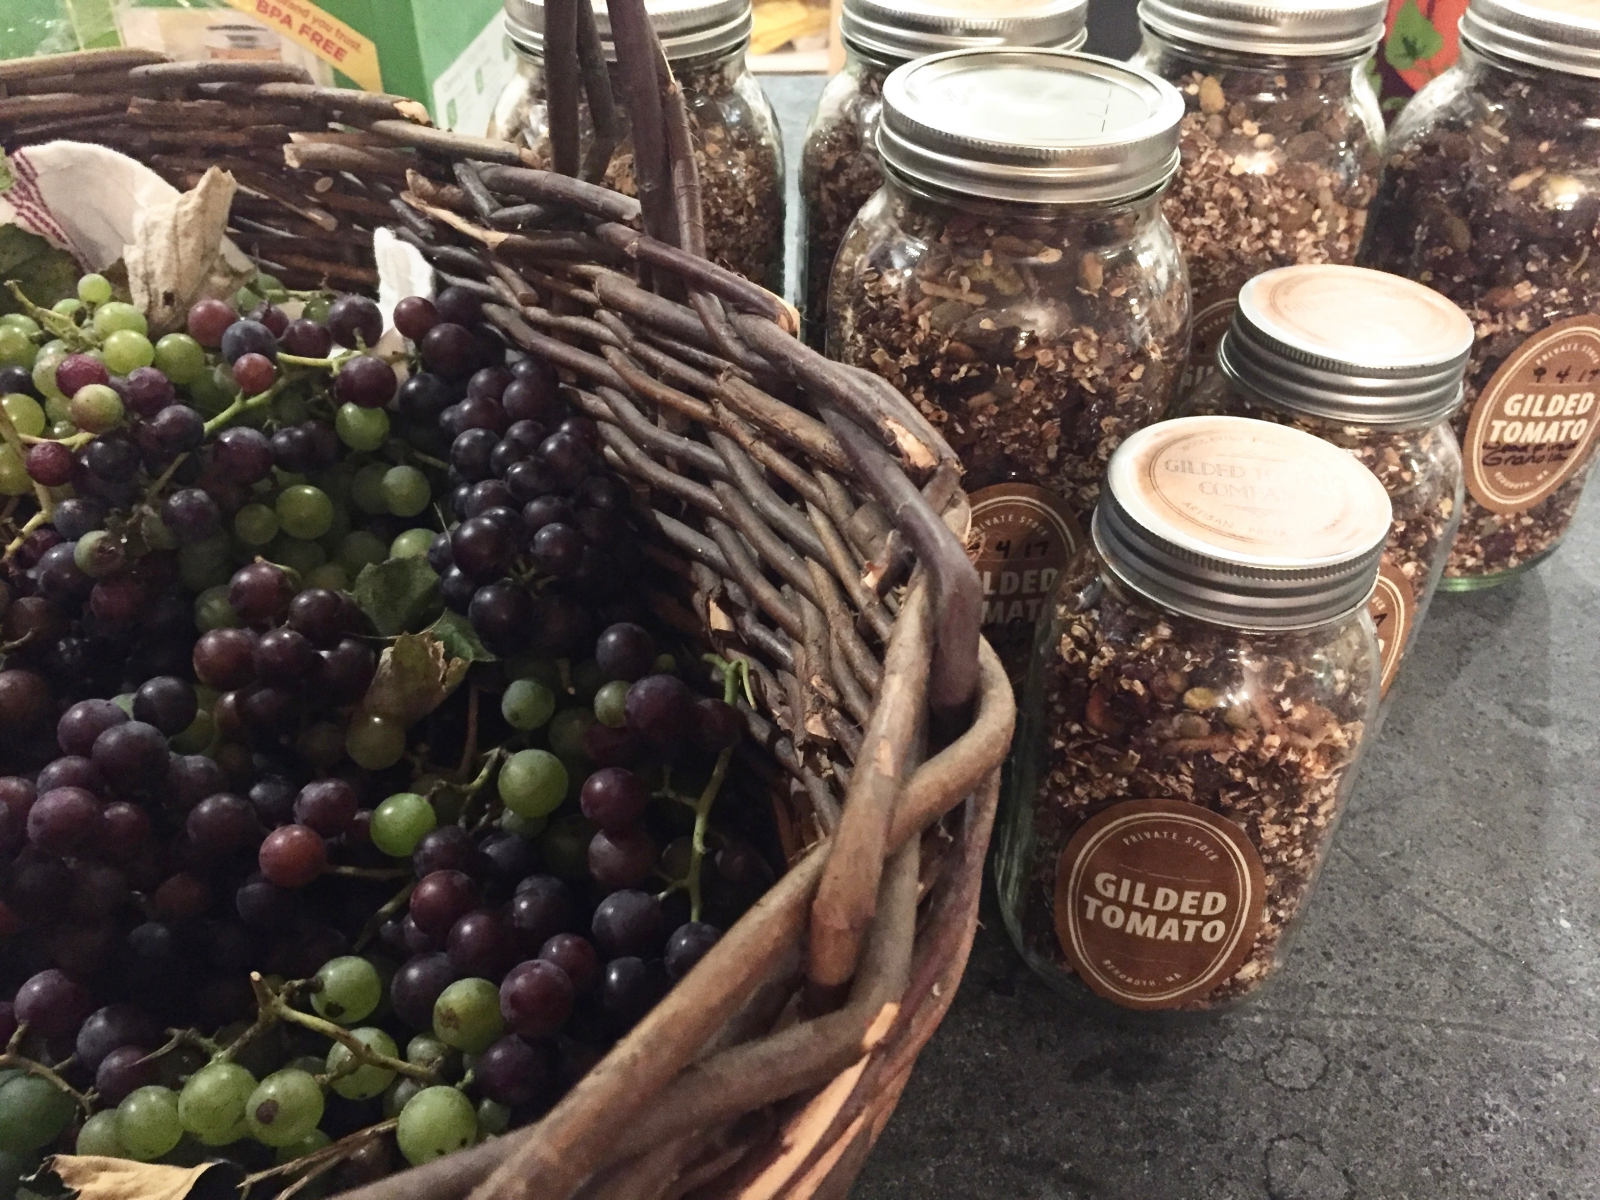 Delicious Granola and Grapes